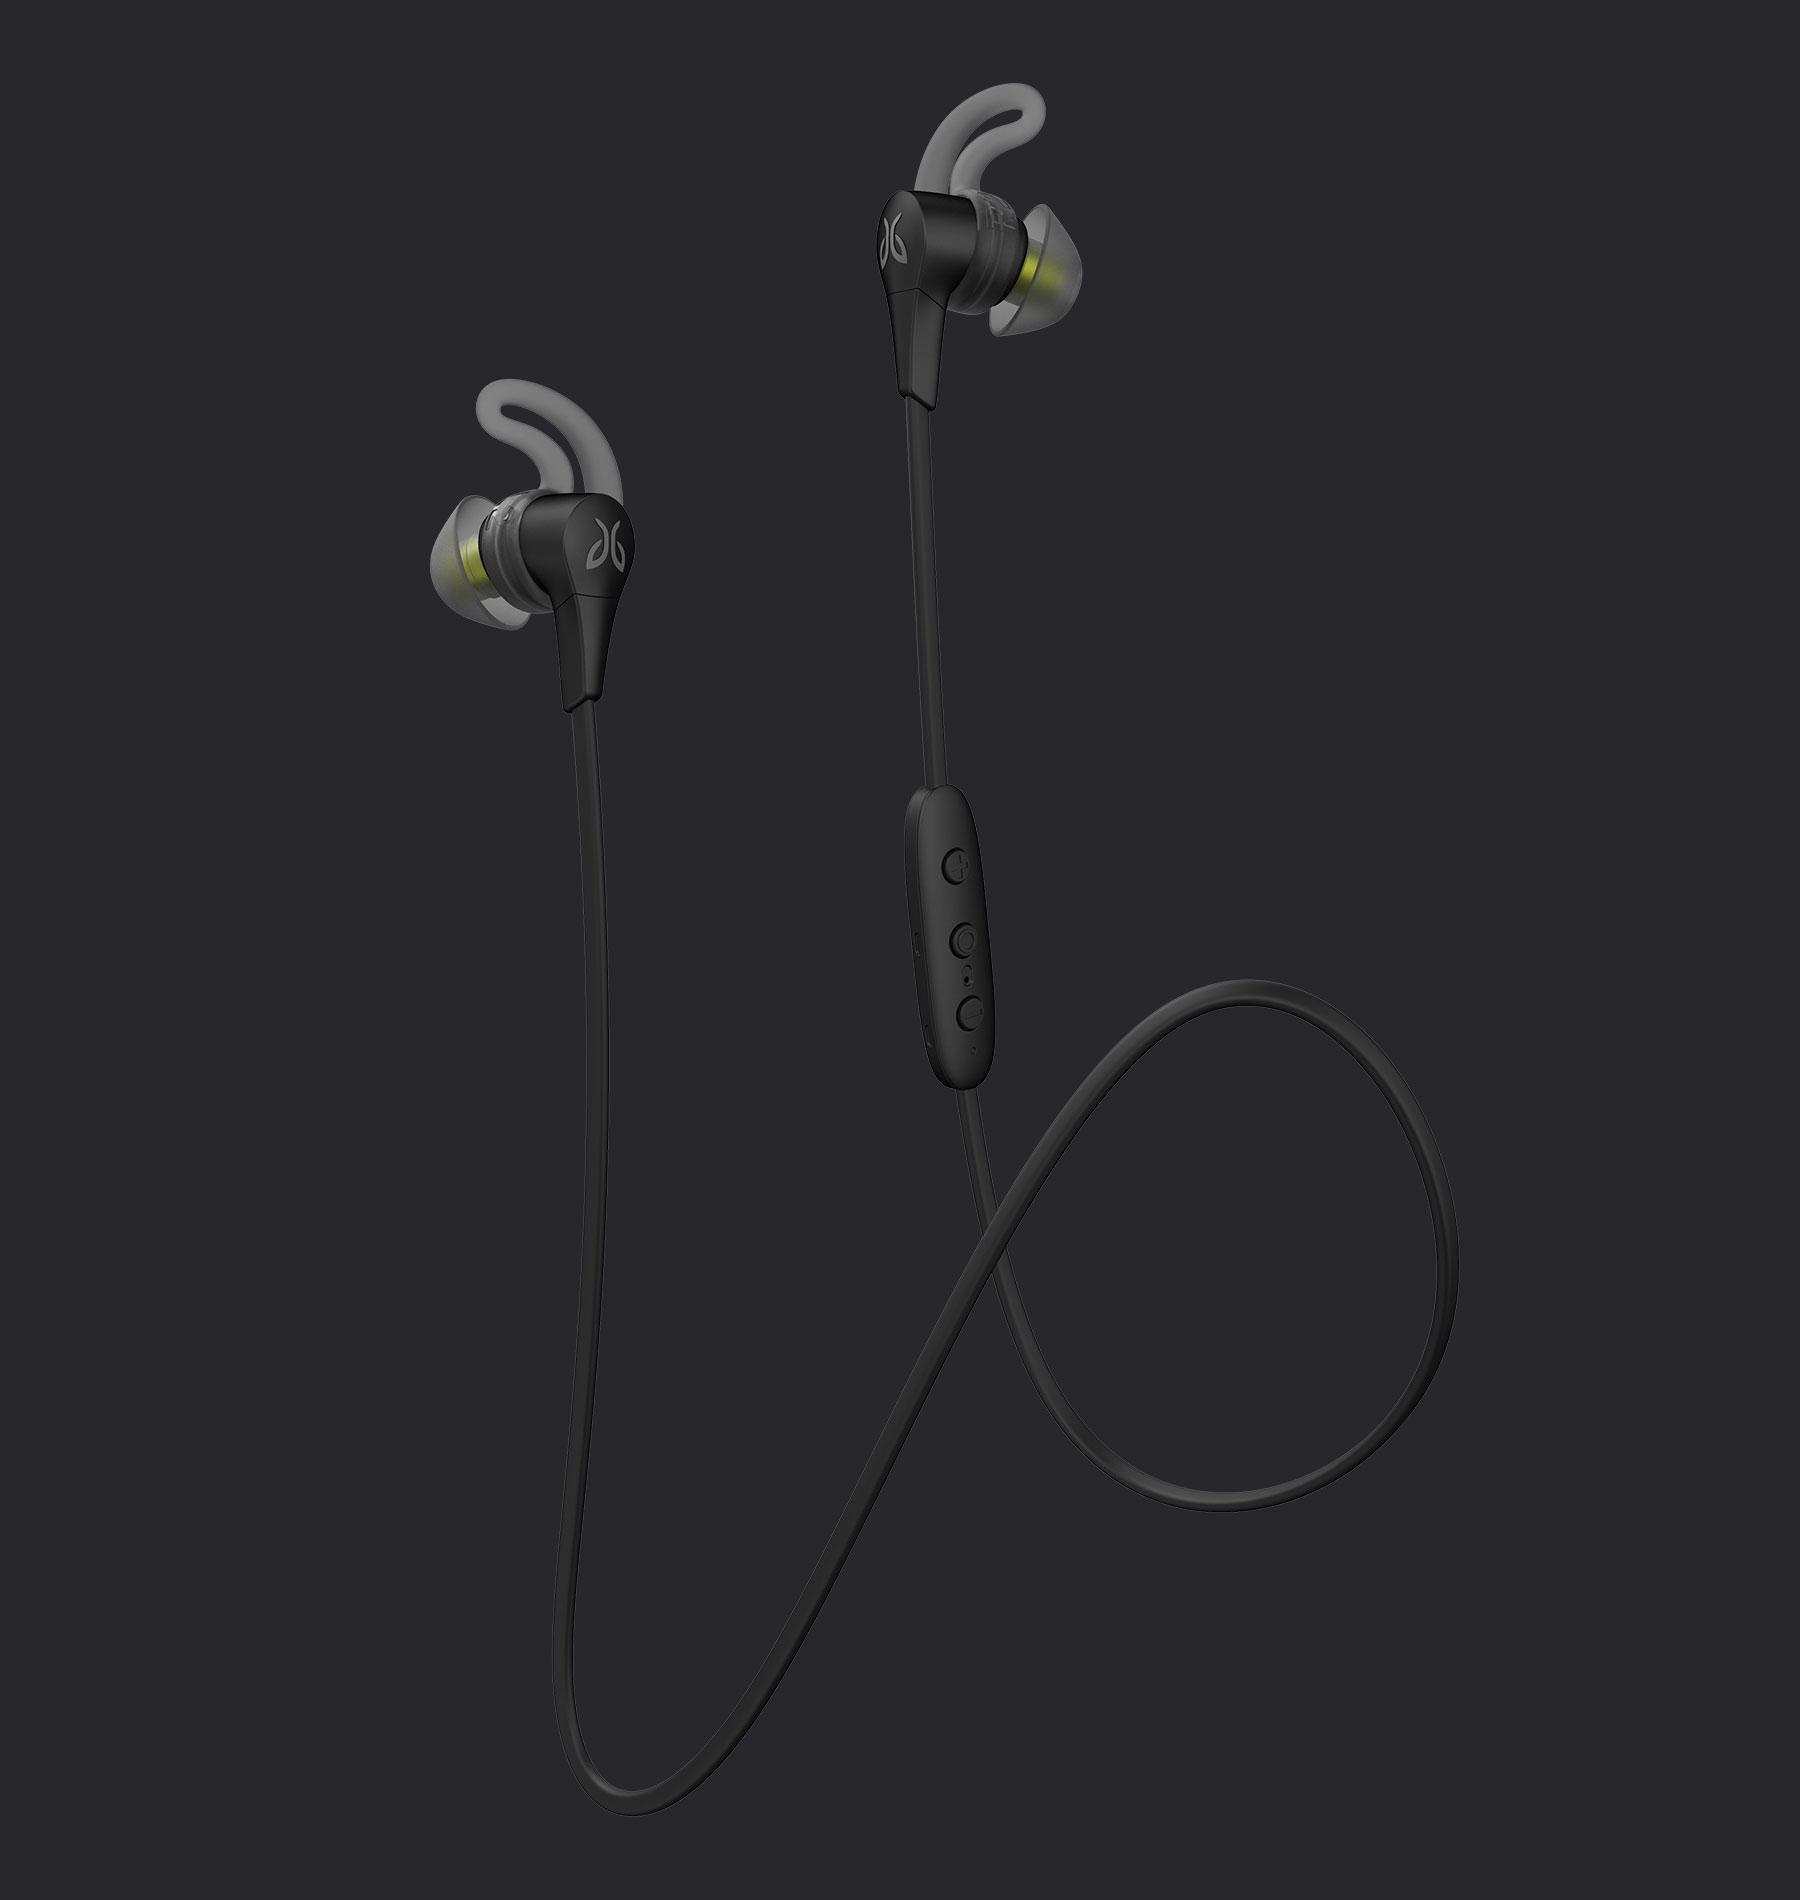 Jaybird X4 Wireless Sport Headphones, Rugged Versatility